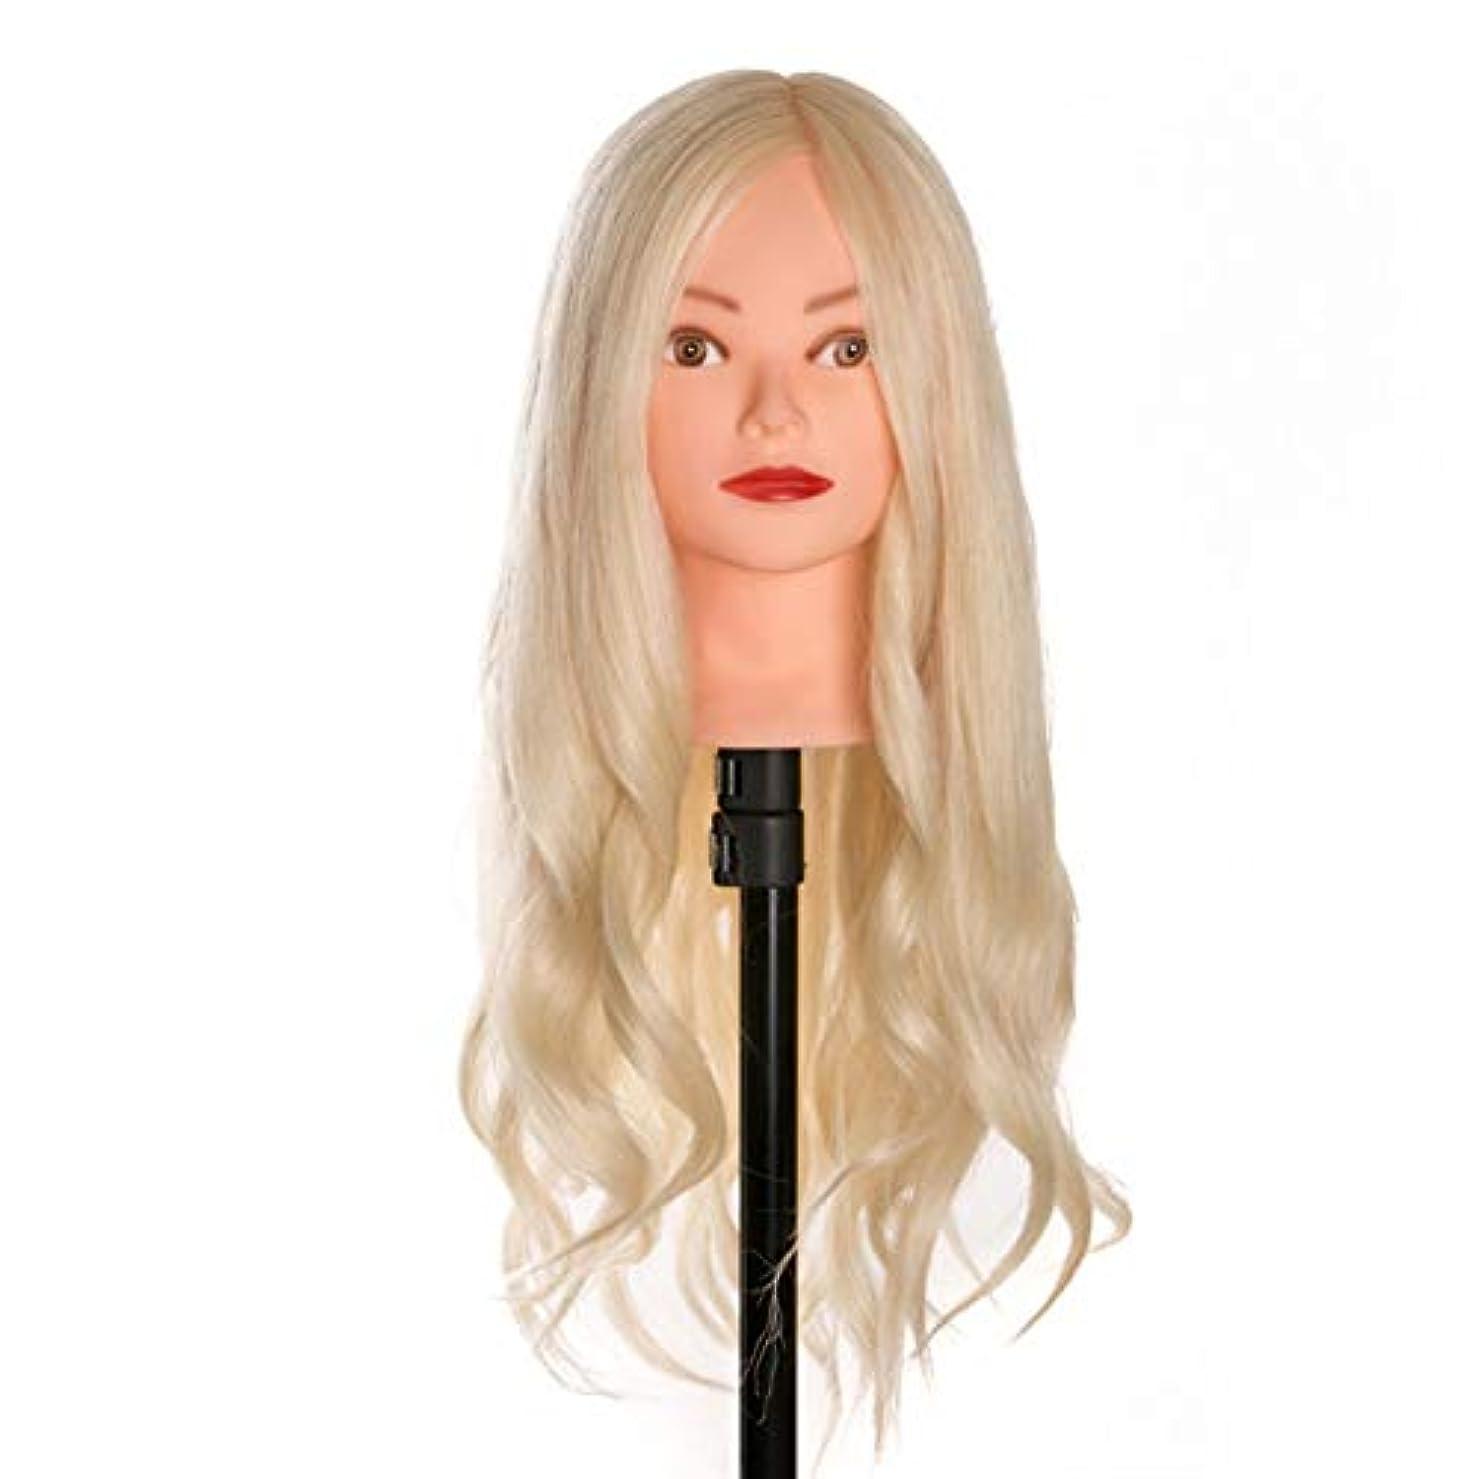 再生鈍いバターヘアカットトレーニングかつらメイクディスクヘアスタイリング編組ティーチングダミーヘッド理髪サロンエクササイズヘッド金型3個